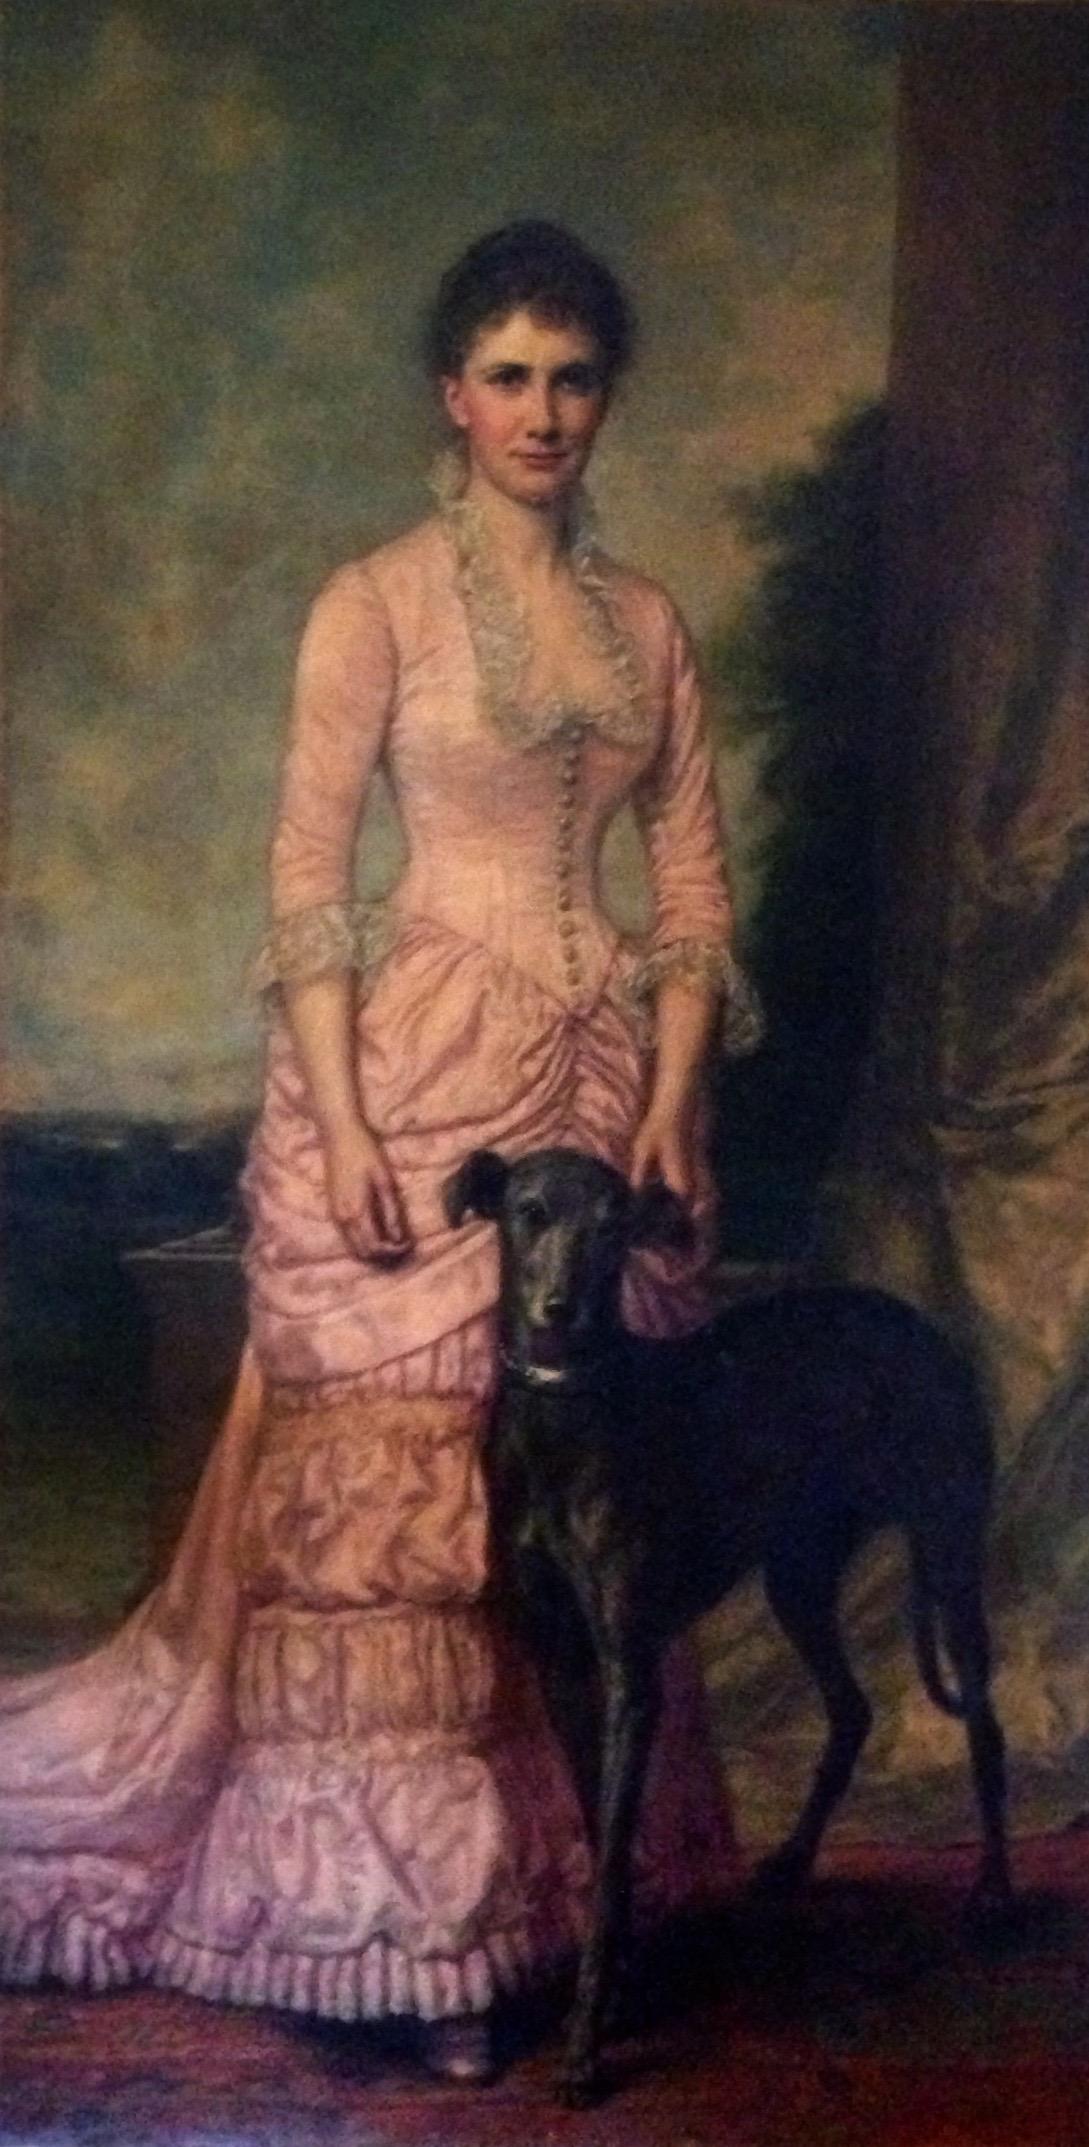 Cornelia Fenton Conway Horsford (Daughter of Dr. Eben Horsford) circa 1884